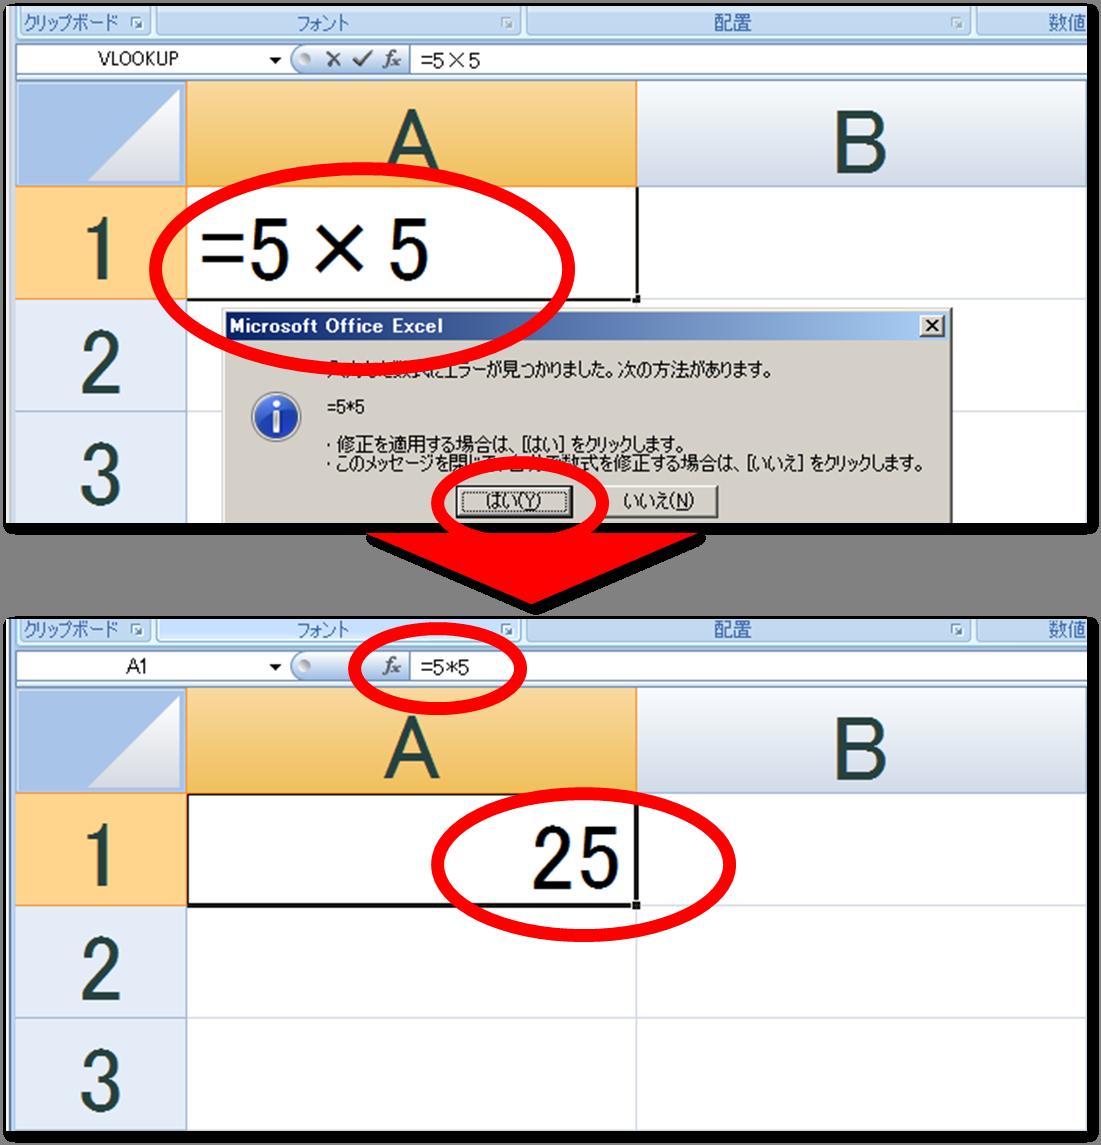 「=5x5」と入力すると警告が表示されます。「はい」を押すと計算結果である「25」が出てくるのですが、警告画面上で「×」の記号は「*(アスタリスク)」に修正されます。